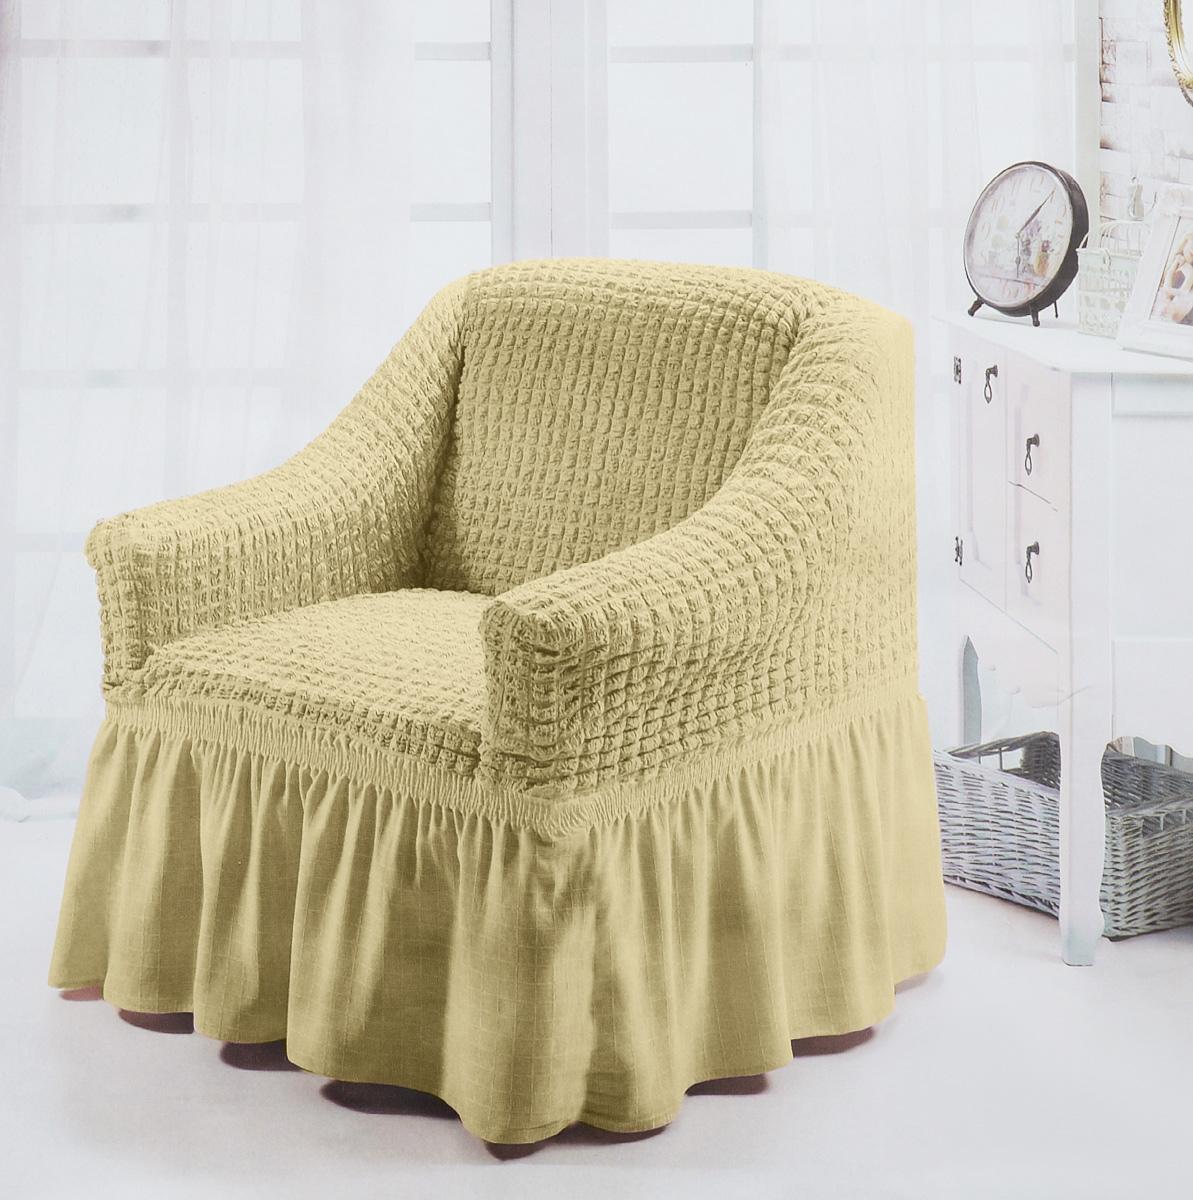 Чехол для кресла Burumcuk Bulsan, цвет: бежевый1797/CHAR001Чехол на кресло Burumcuk Bulsan выполнен из высококачественного полиэстера и хлопка с красивым рельефом. Предназначен для кресла стандартного размера со спинкой высотой в 140 см. Такой чехол изысканно дополнит интерьер вашего дома. Изделие прорезинено со всех сторон и оснащено закрывающей оборкой. Ширина и глубина посадочного места: 70-80 см. Высота спинки от сиденья: 70-80 см. Высота подлокотников: 35-45 см. Ширина подлокотников: 25-35 см. Длина оборки: 35 см.